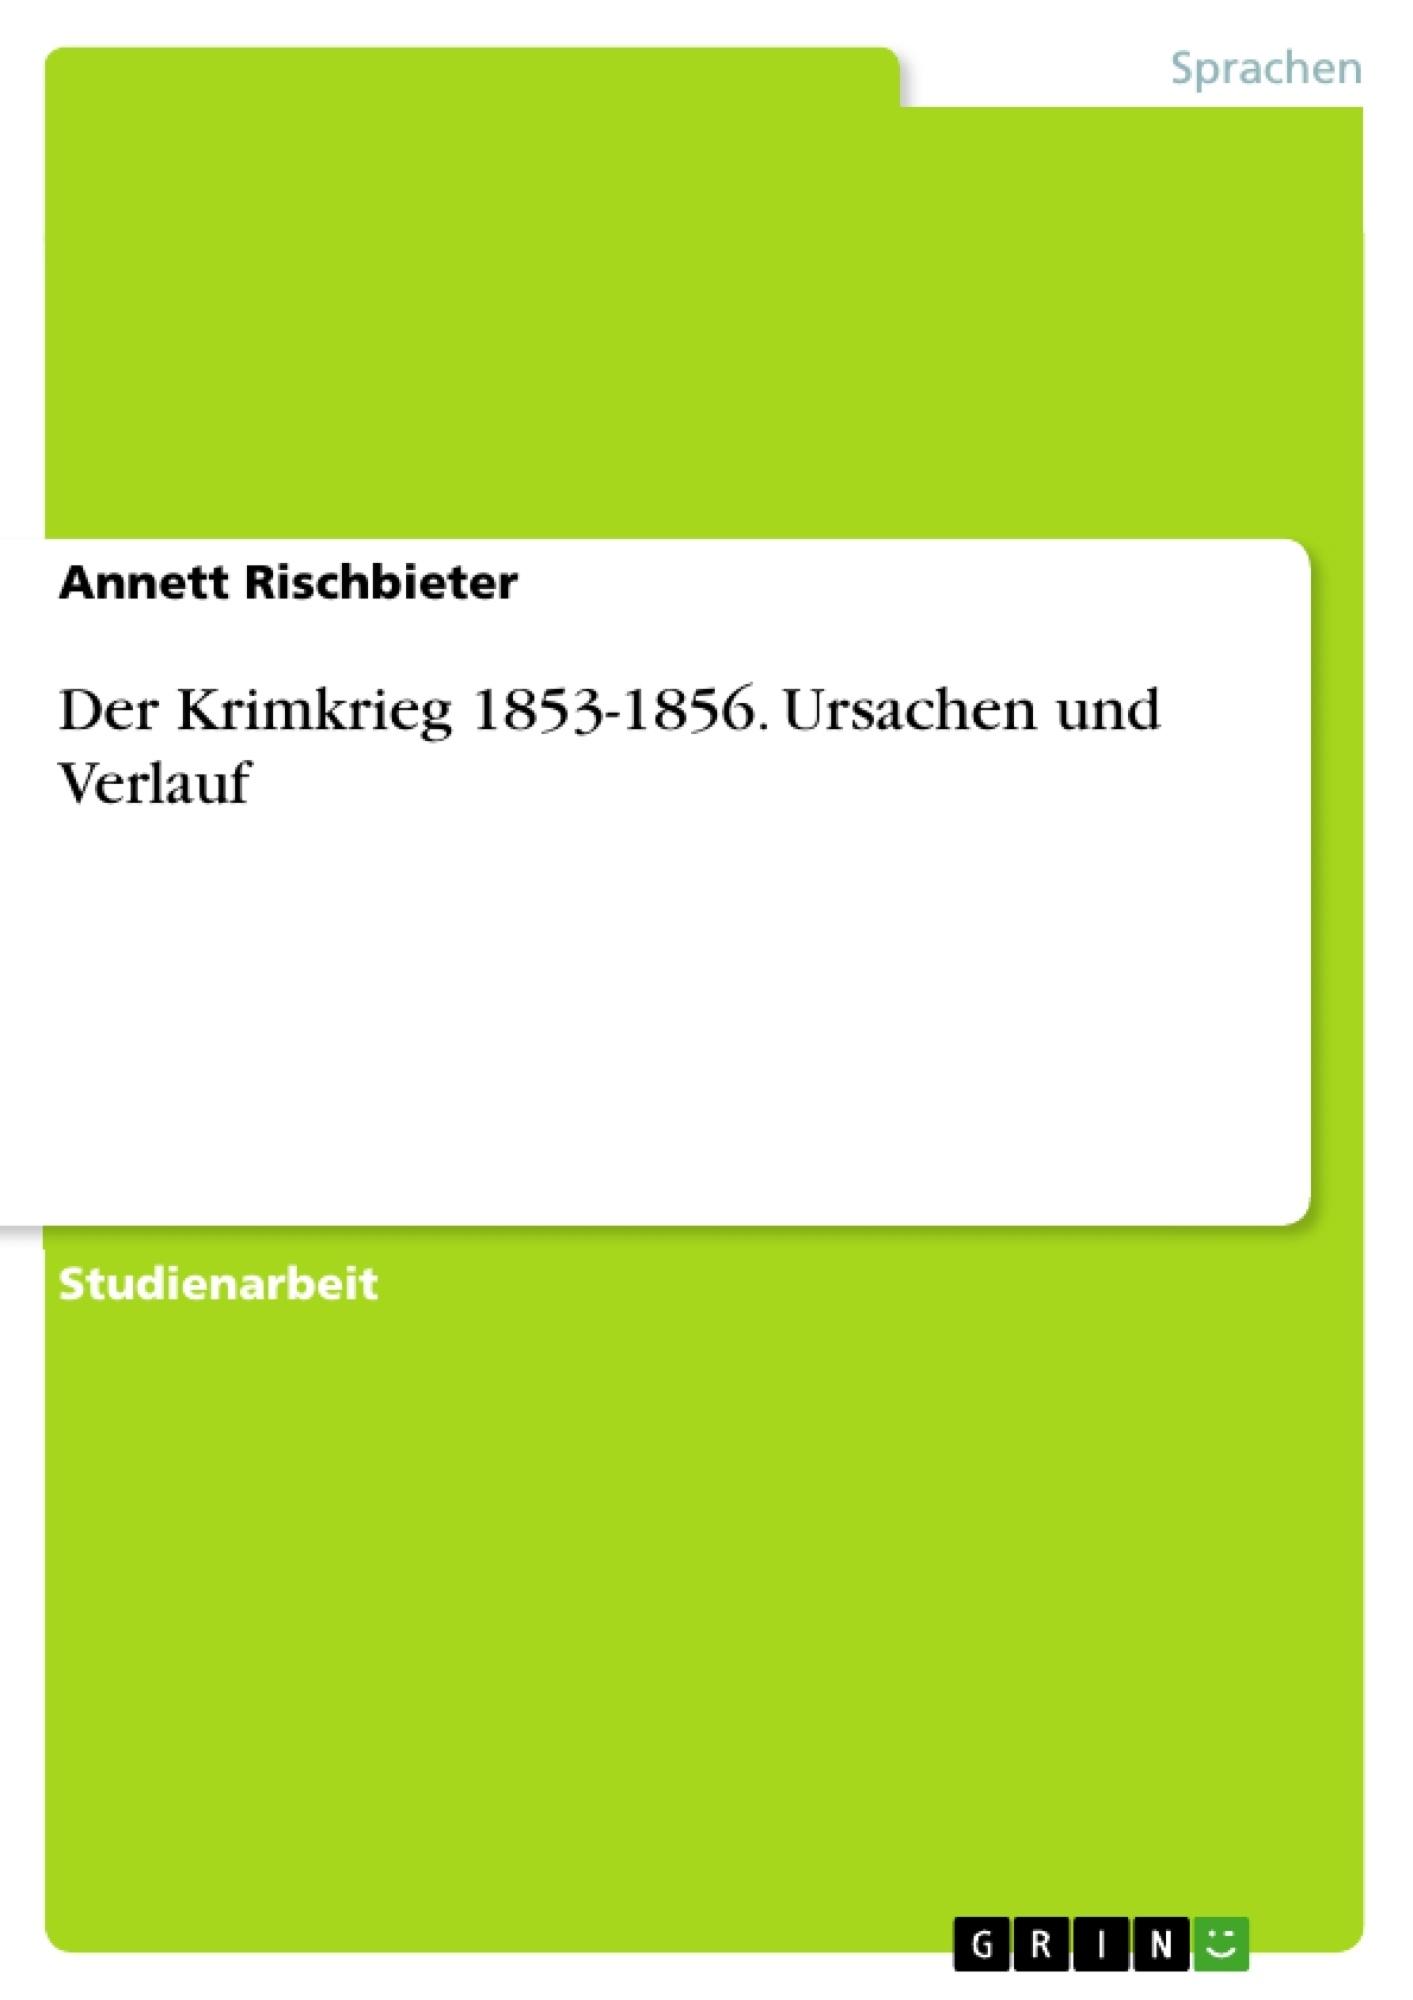 Titel: Der Krimkrieg 1853-1856. Ursachen und Verlauf